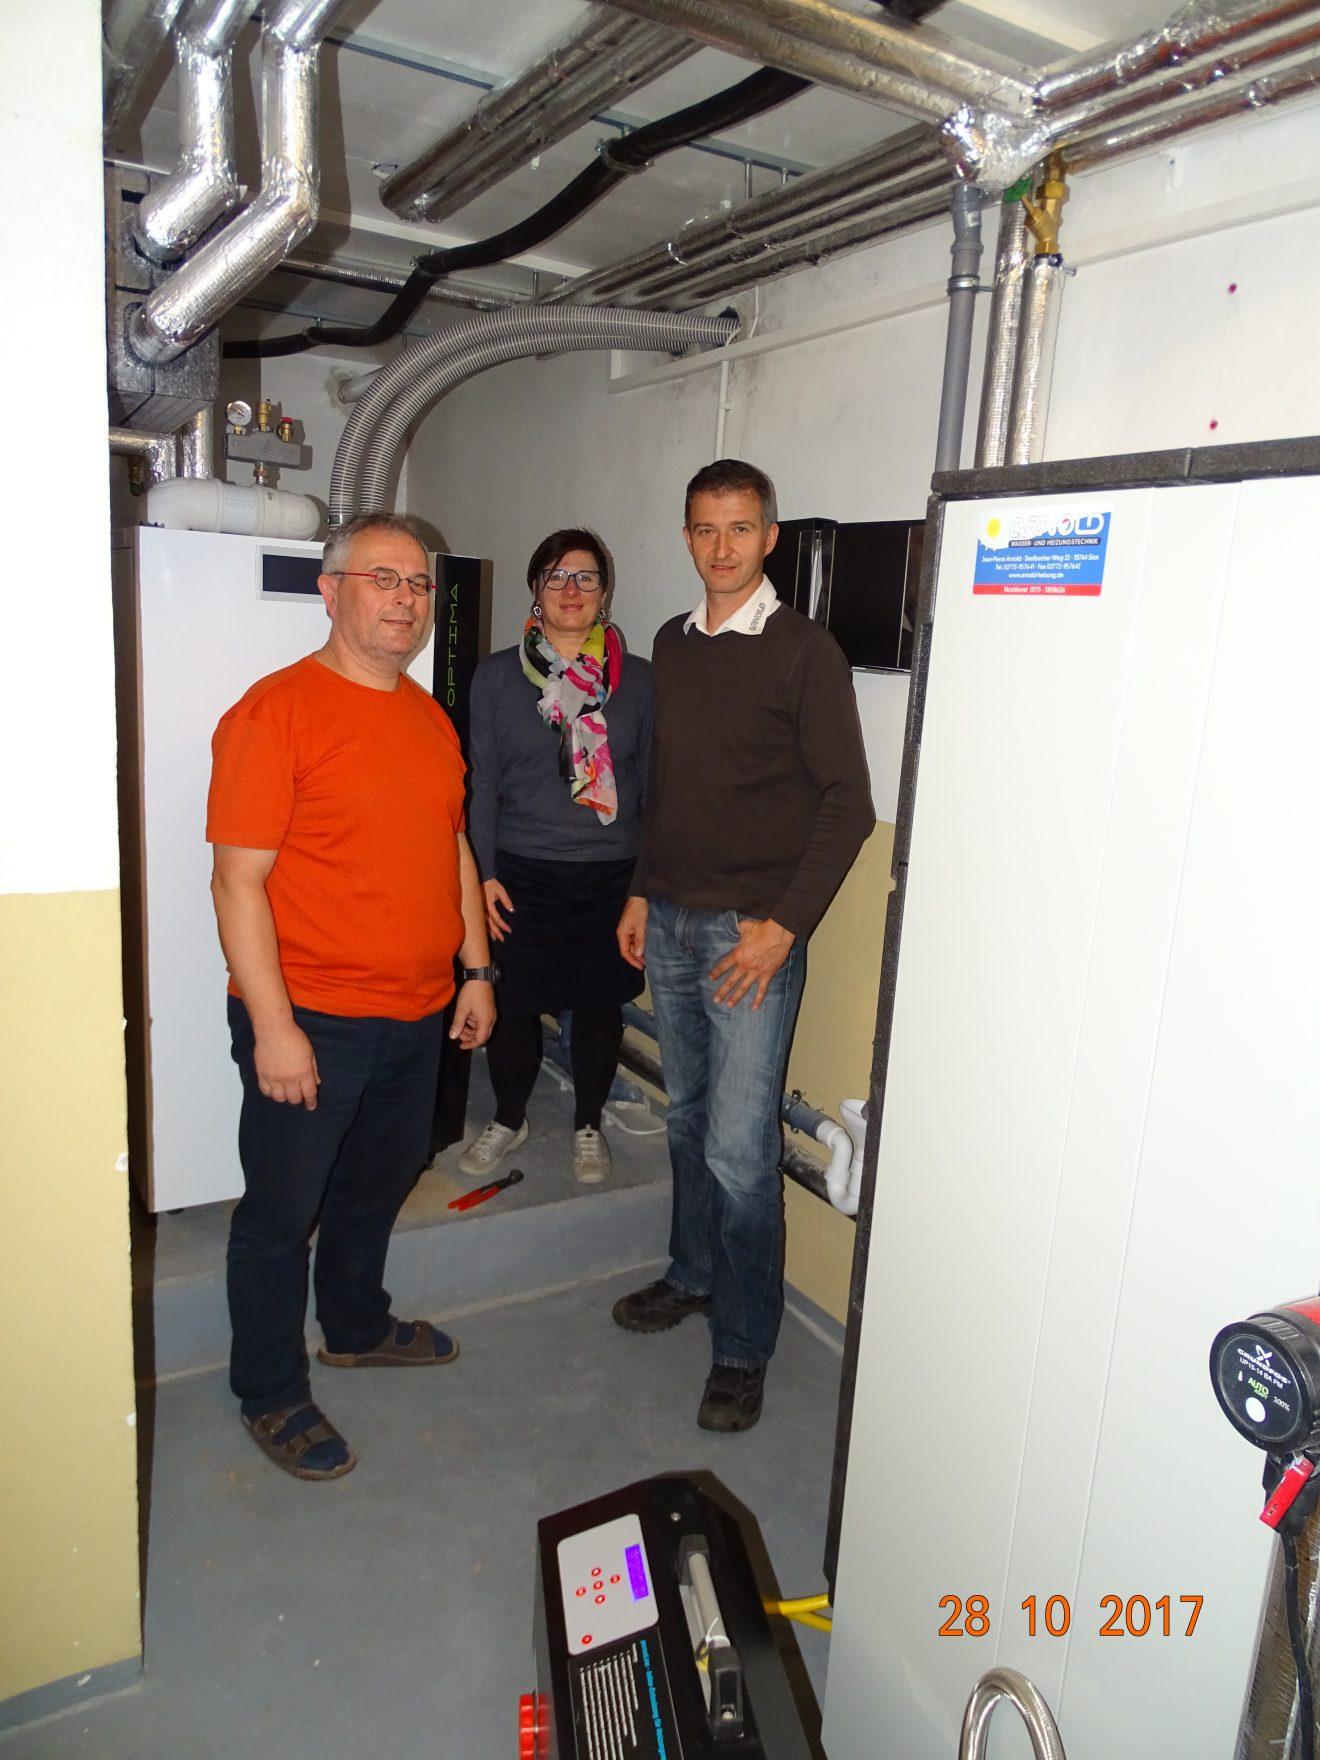 Die Hausherren des Projekts des Monats, Josef und Michaela Buchen, mit Jean-Pierre Arnold, unserem handwerker des Monats, im Heizungsraum. Foto: Jean-Pierre Arnold